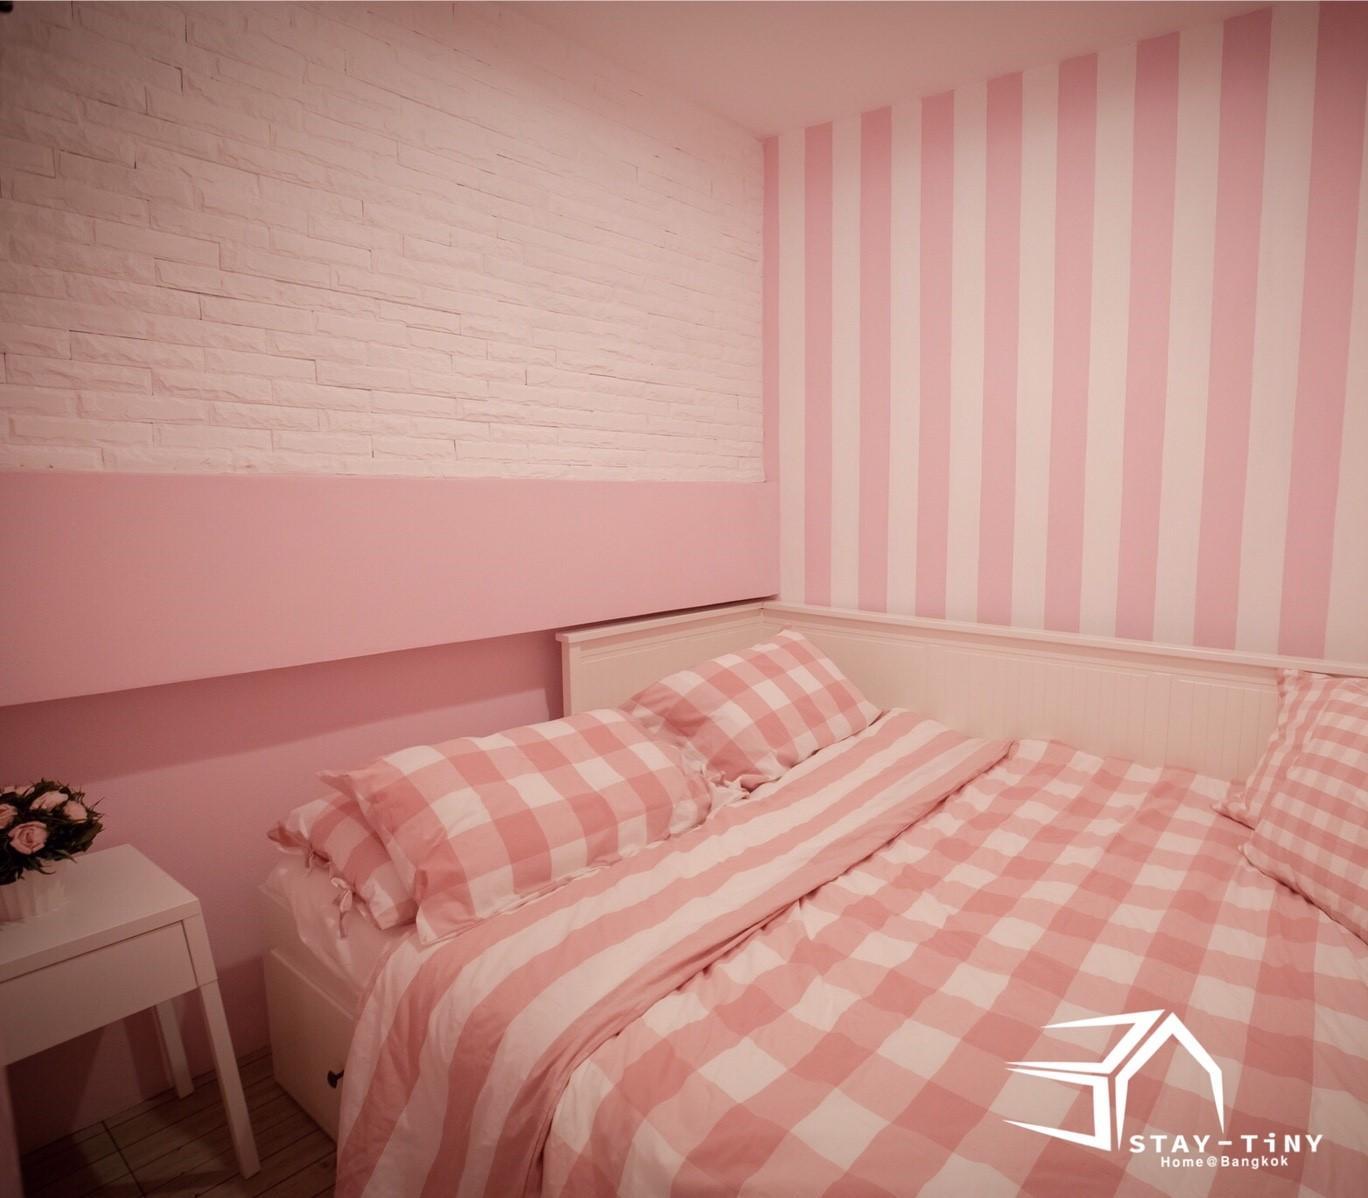 ,STAY TiNY Home Bangkok Pink Room